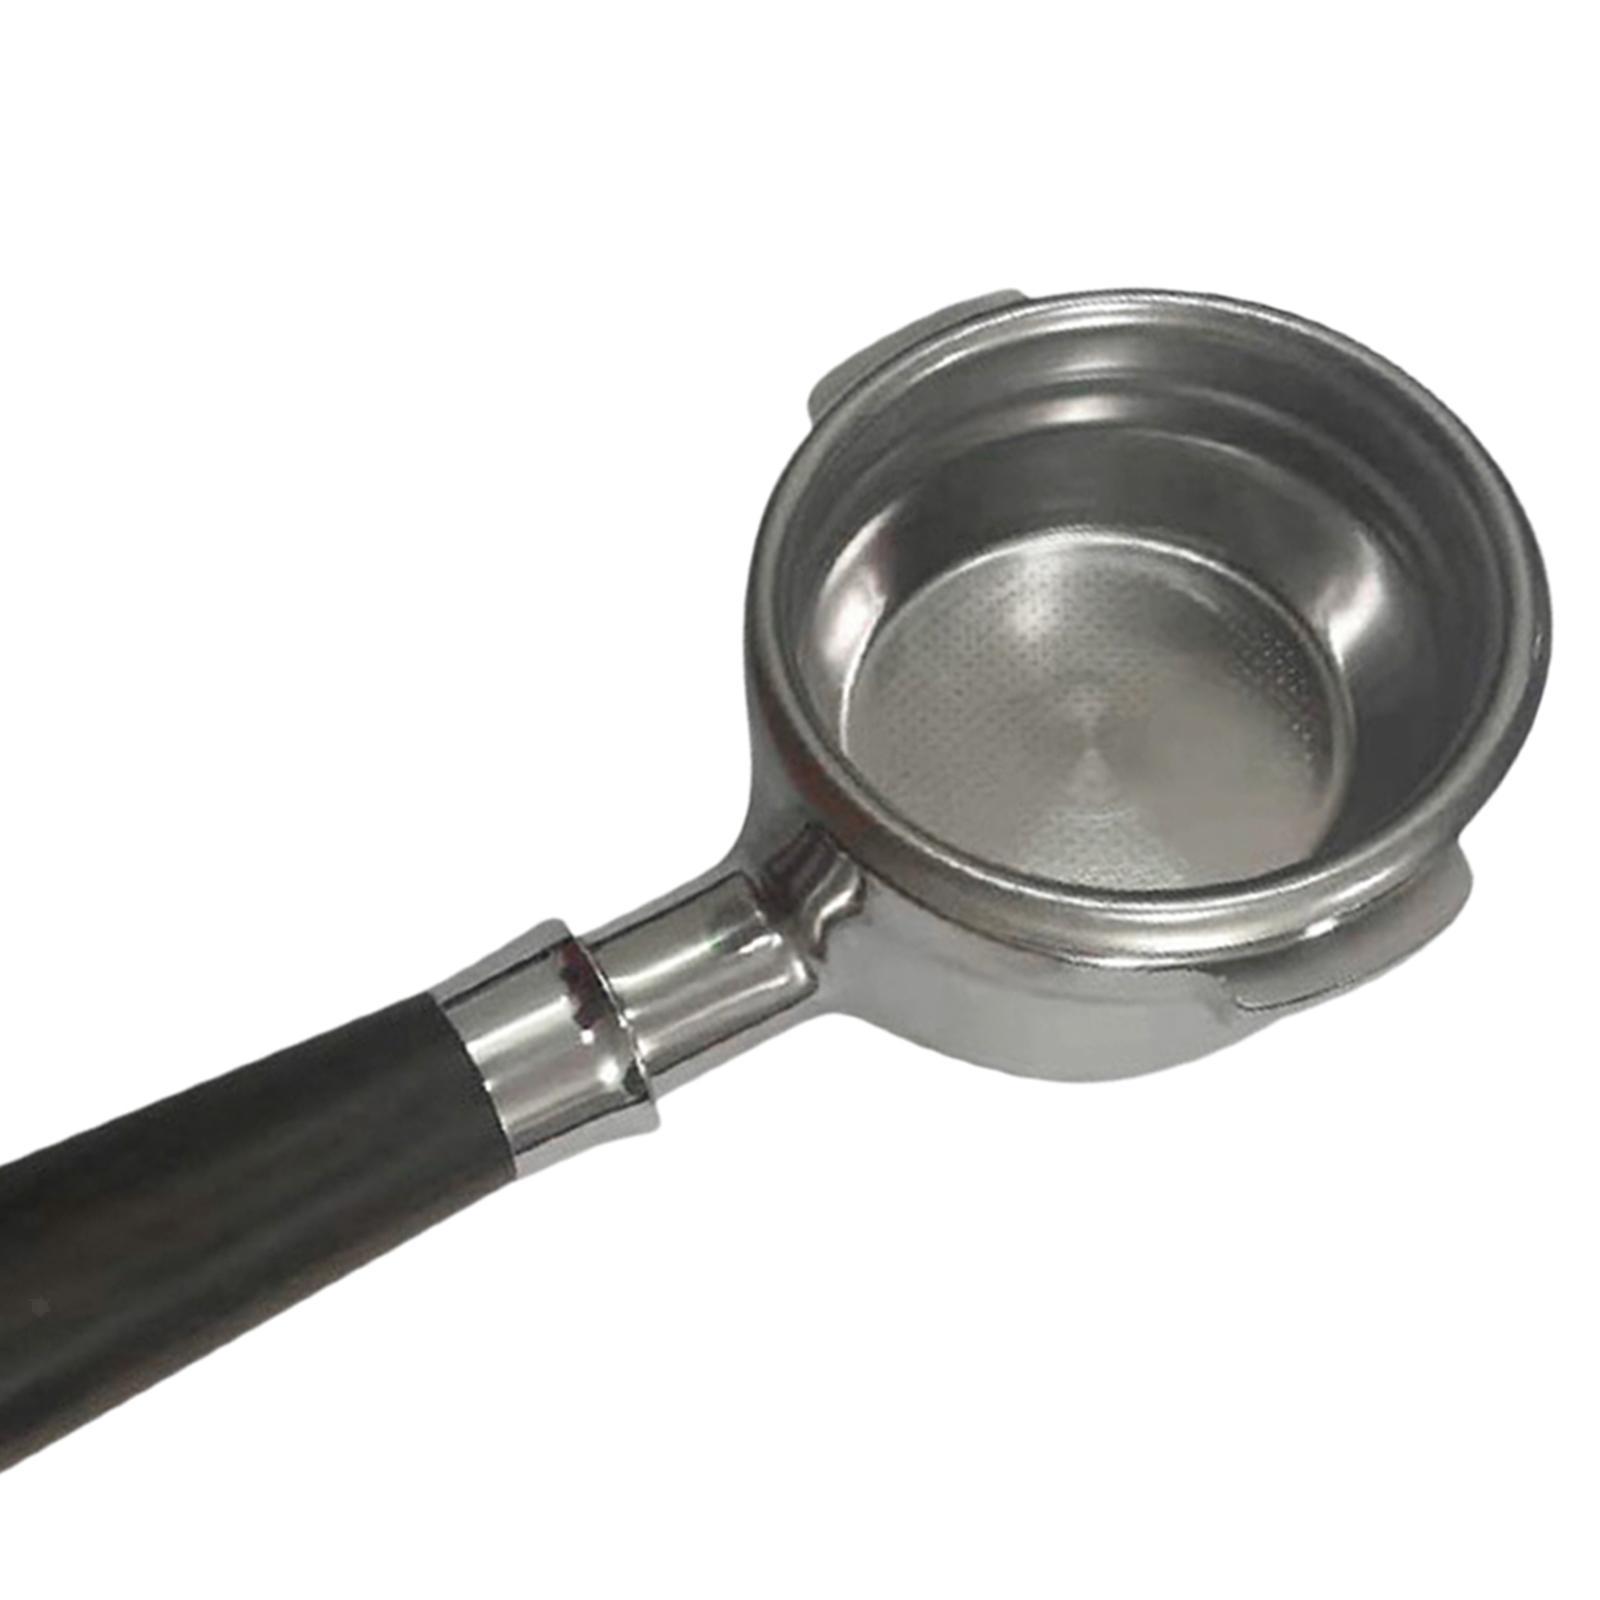 Indexbild 19 - 58mm Kaffee Siebträger ohne Boden für Breville BES920/980 Werkzeug